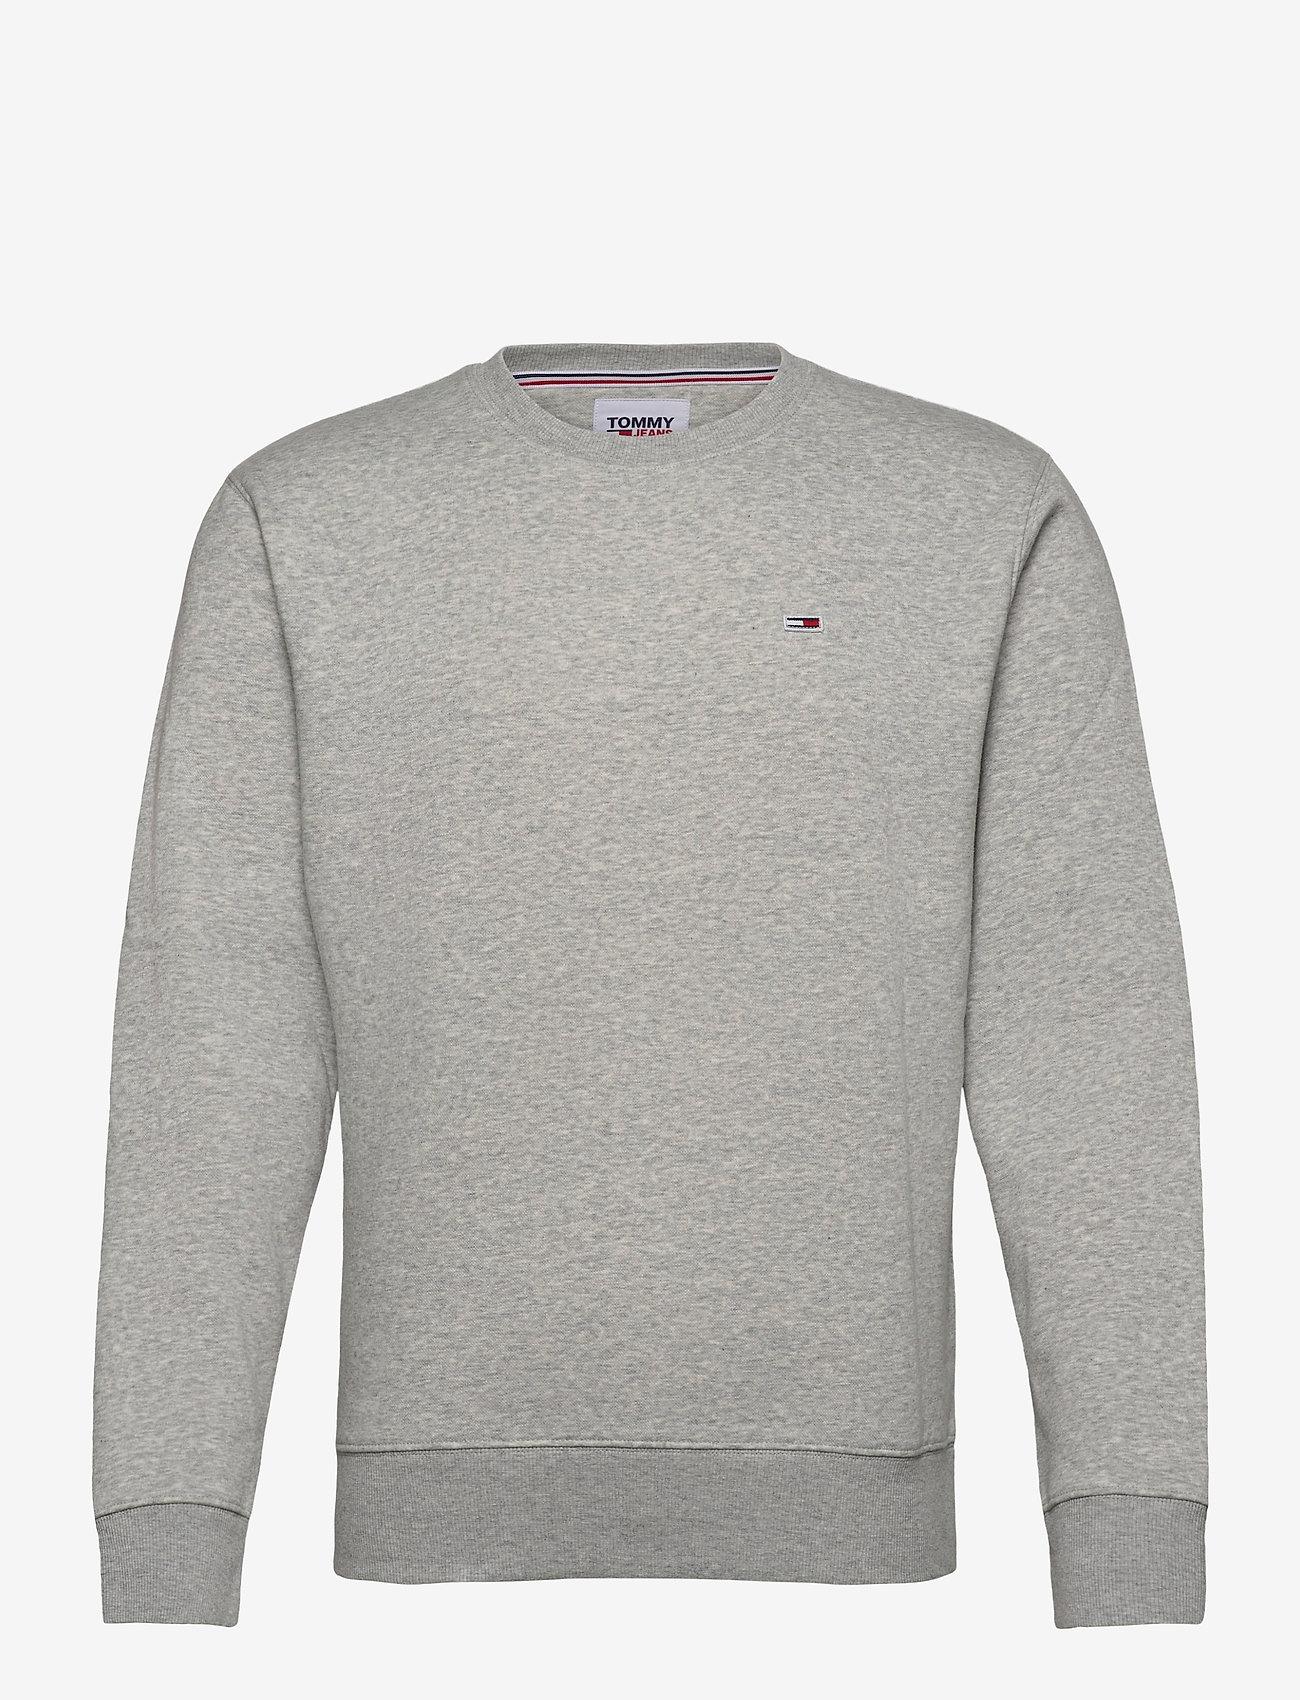 Tommy Jeans - TJM REGULAR FLEECE C NECK - kläder - lt grey htr - 0